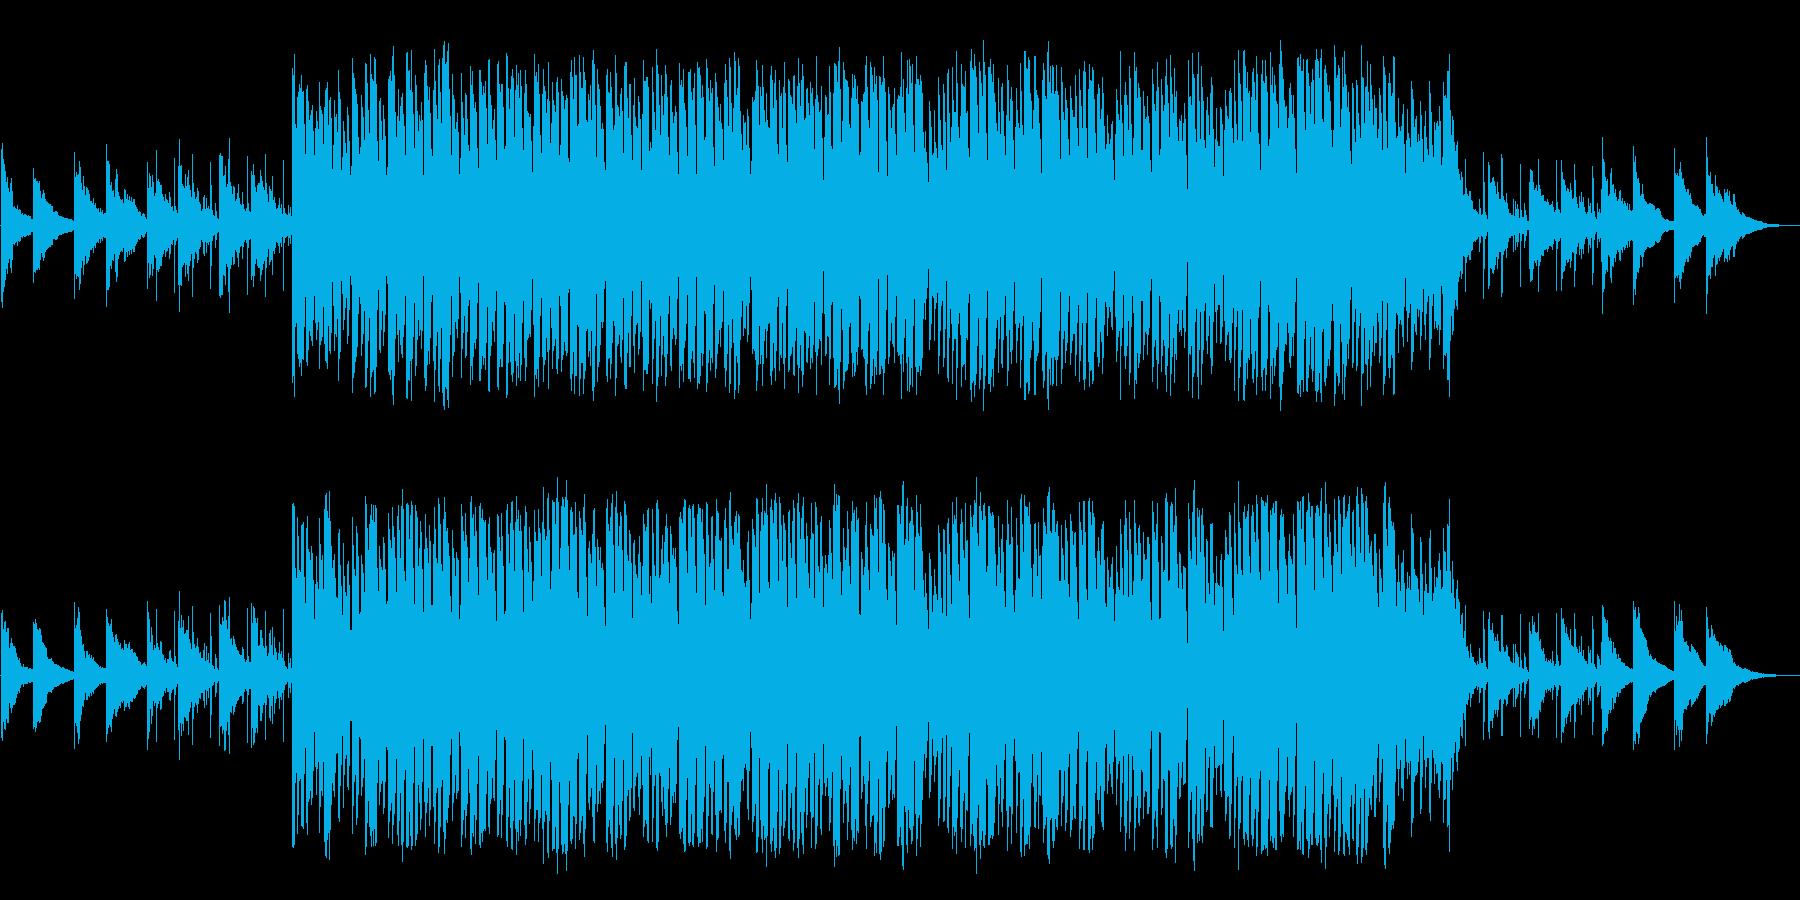 ノリのいい楽しくなるサウンドの再生済みの波形